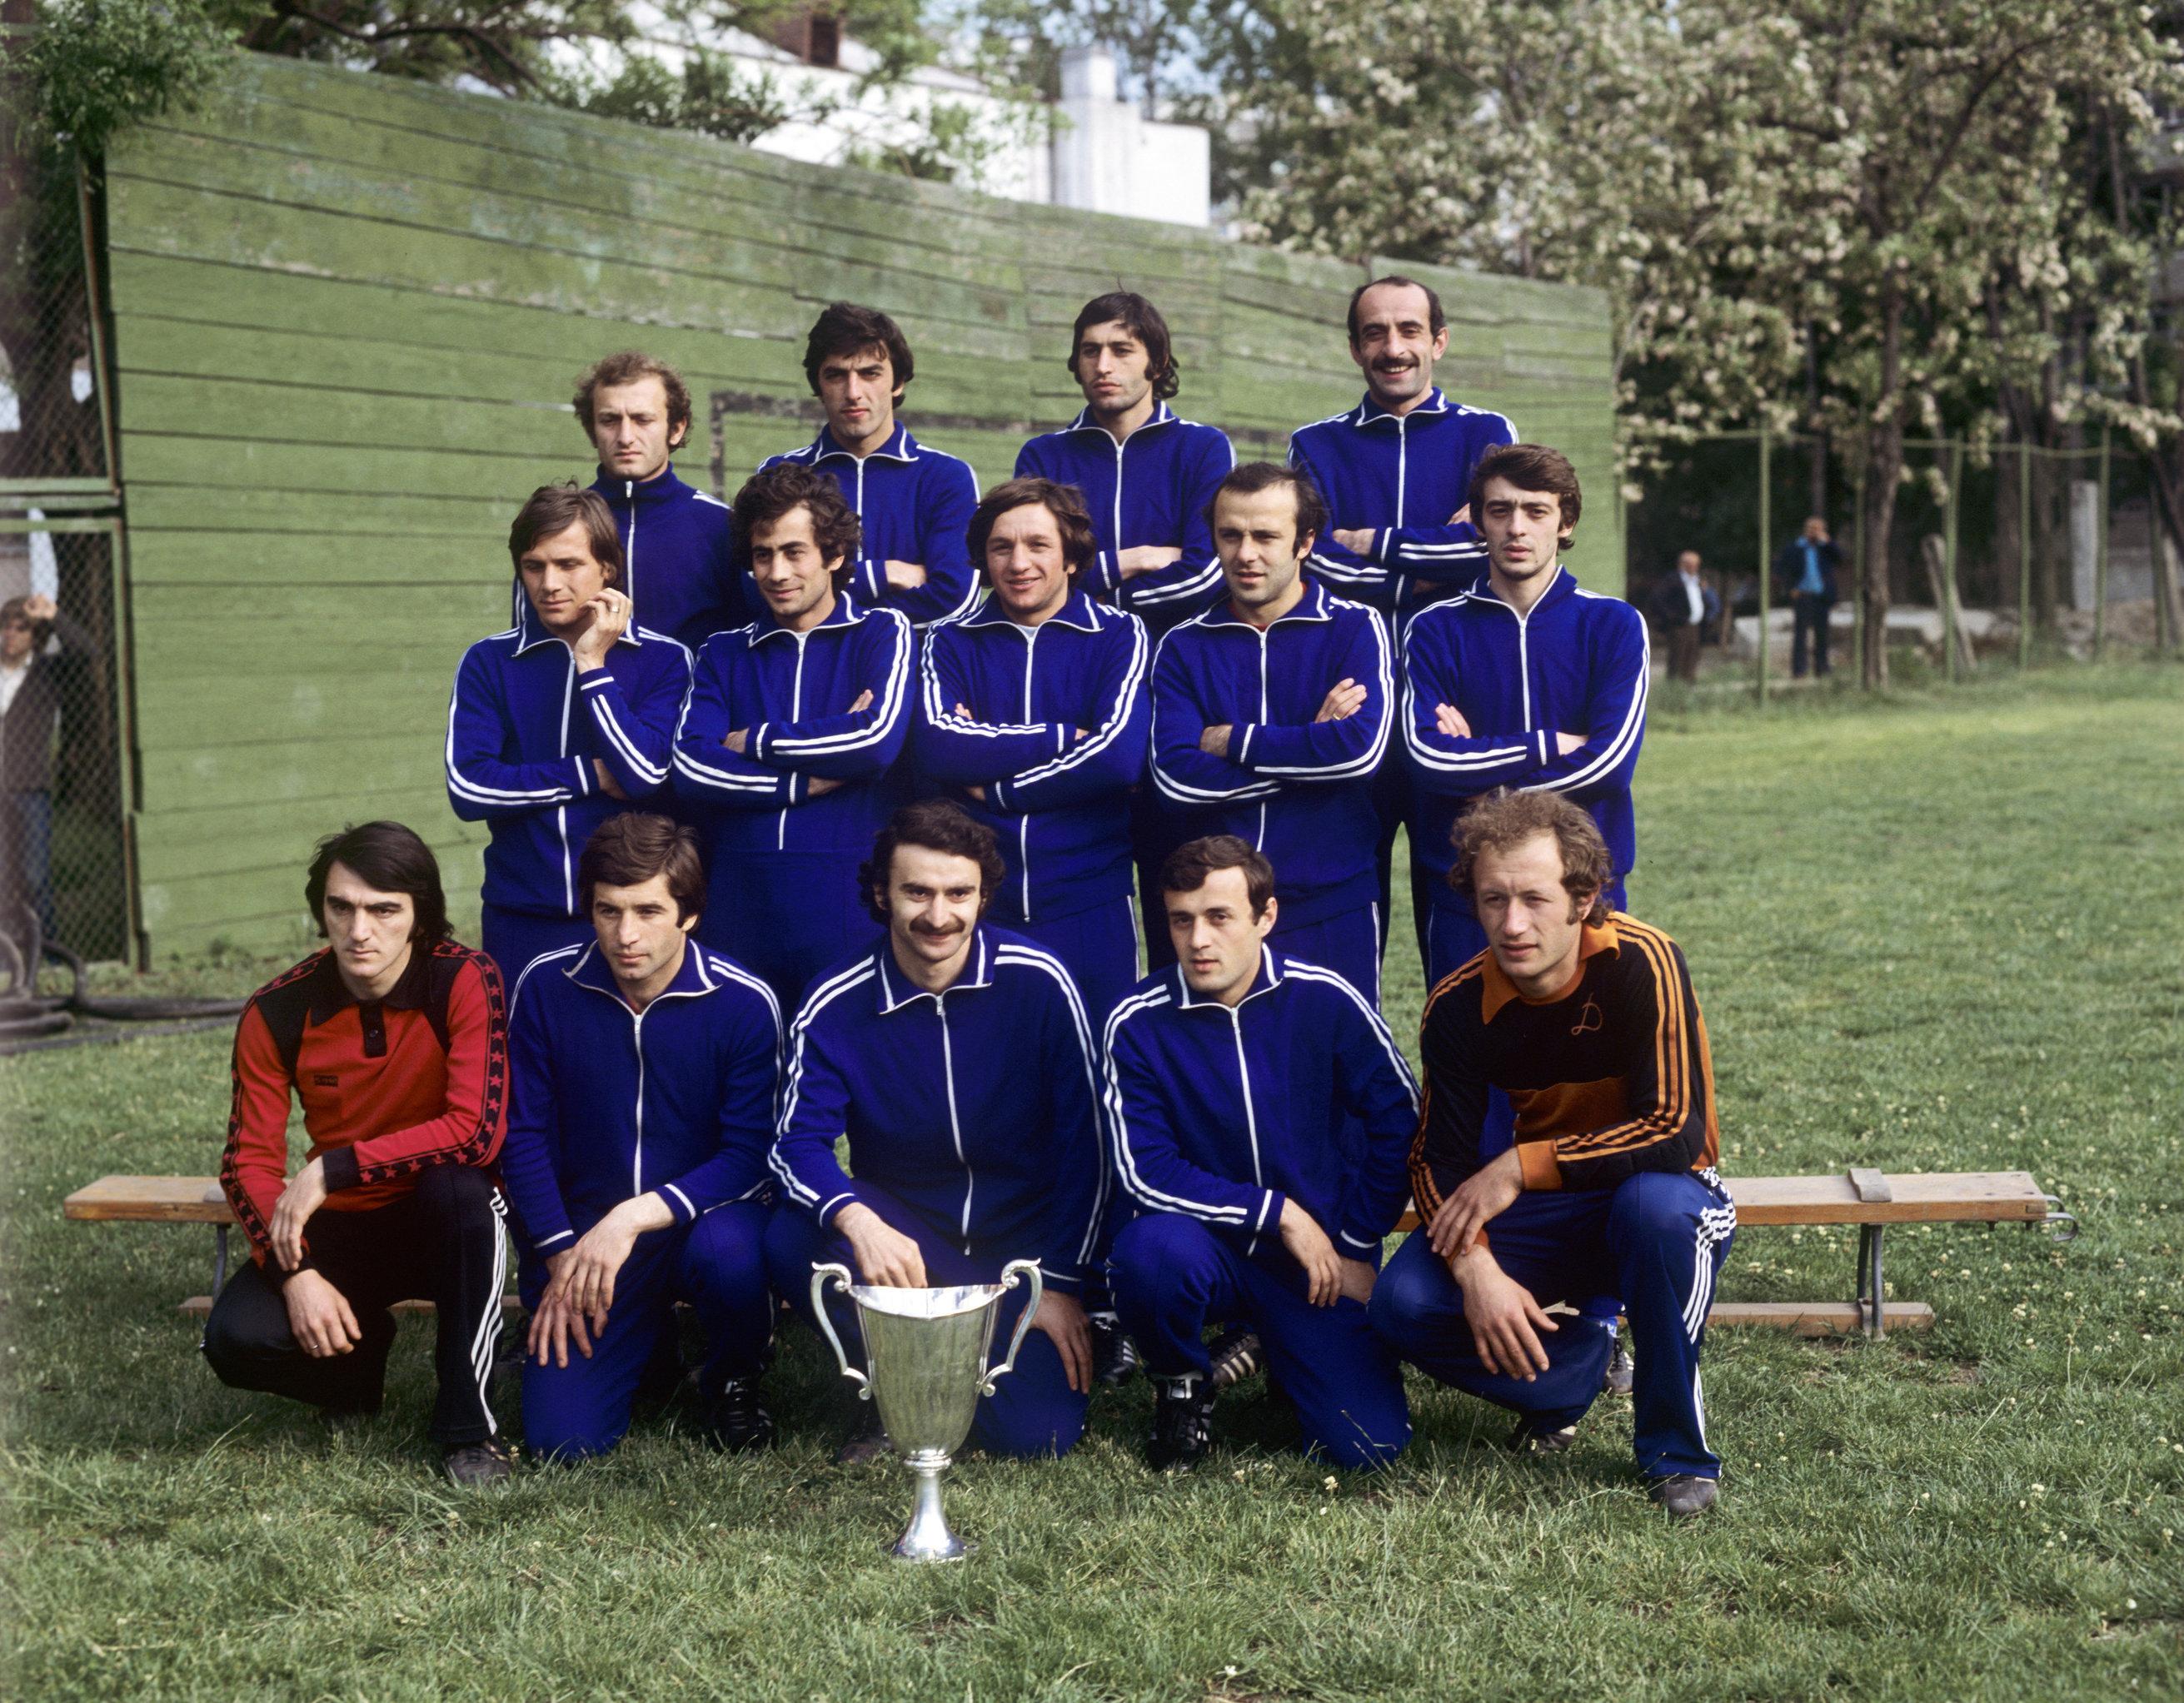 Футбольная команда Динамо (Тбилиси) - обладатель Кубка обладателей кубков (1981 год).